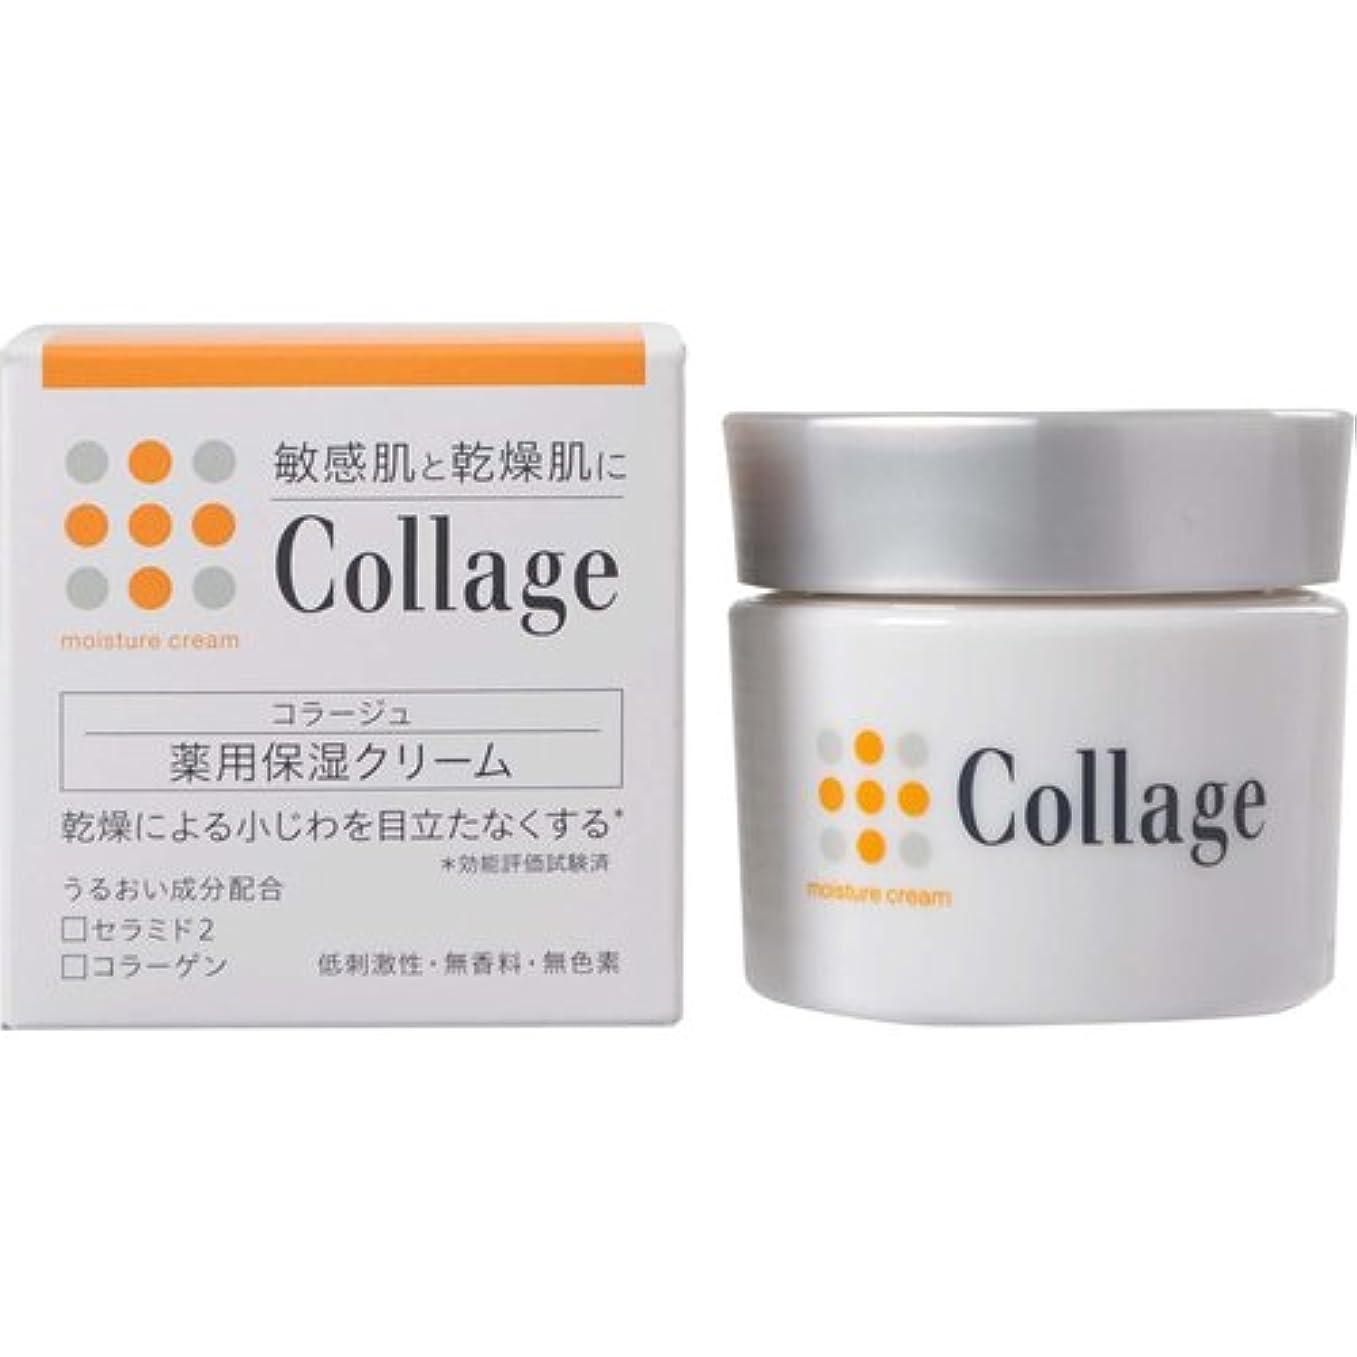 城バルブ雑多なコラージュ 薬用保湿クリーム 30g 【医薬部外品】